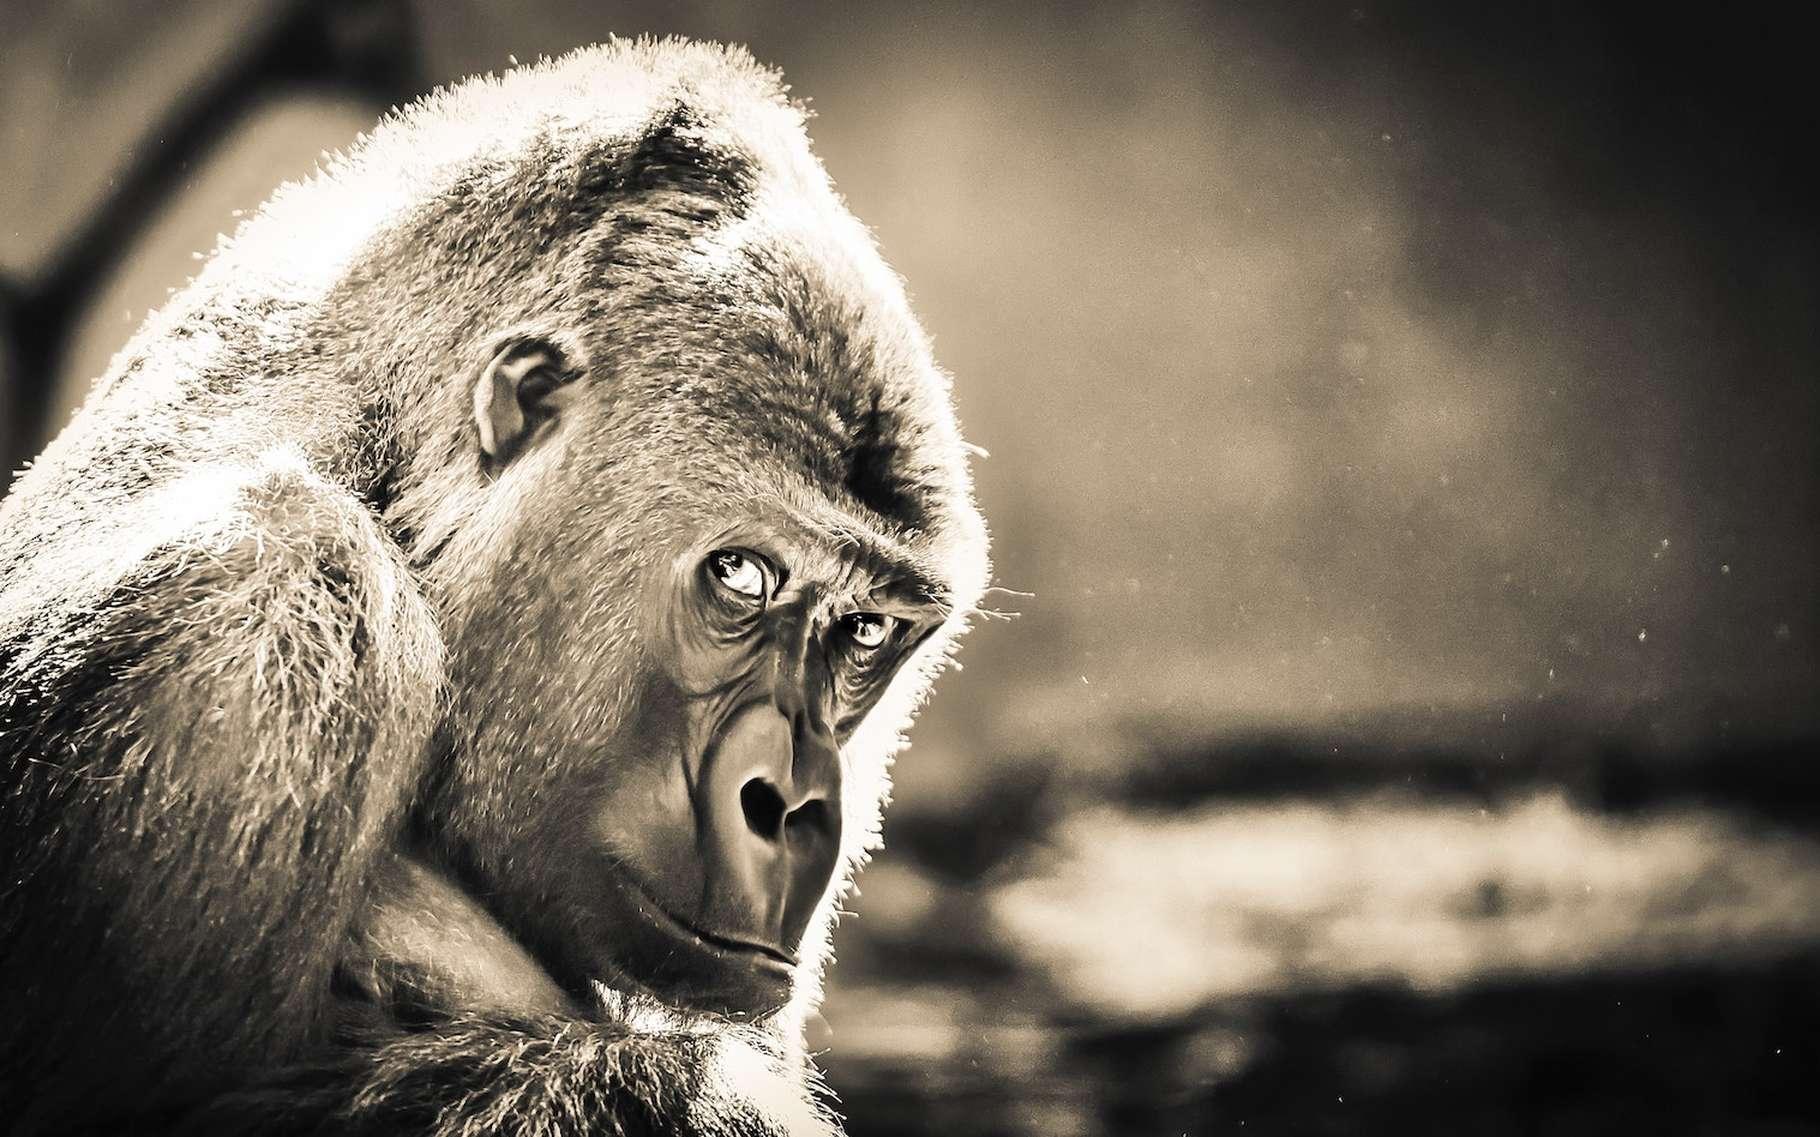 Des gorilles du zoo de Bristol (Royaume-Uni) se sont montrés capables de tricher. Un comportement que l'on pensait réservé aux humains. © Rob Tol, Unsplash